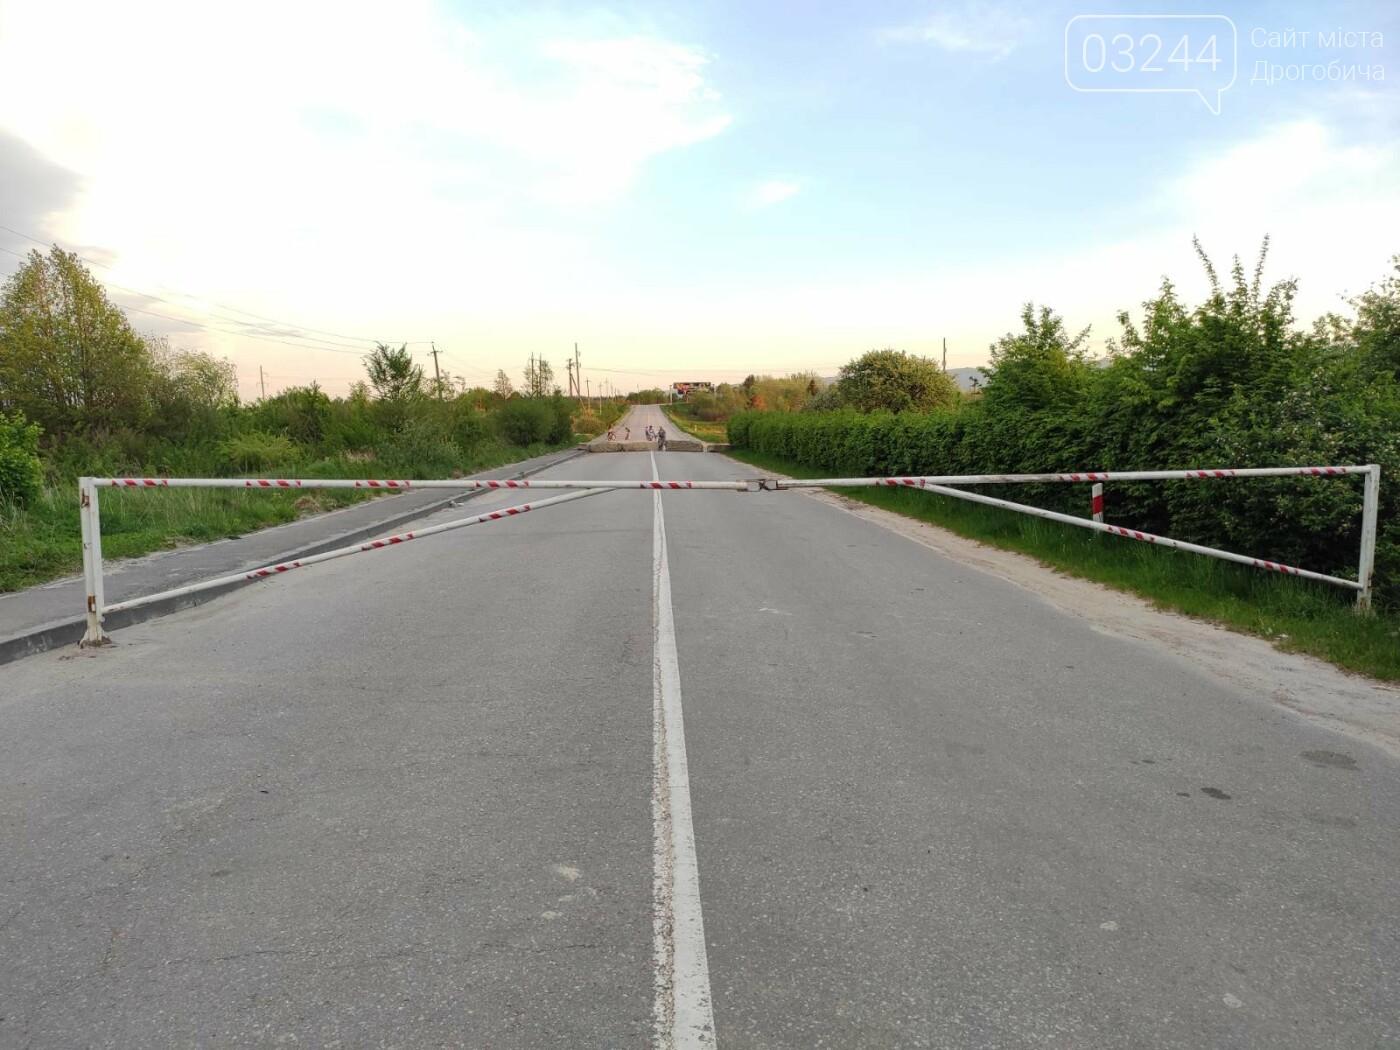 Проїзду немає! На дорозі Дрогобич - Трускавець закрили шлагбаум, - ФОТО, фото-4